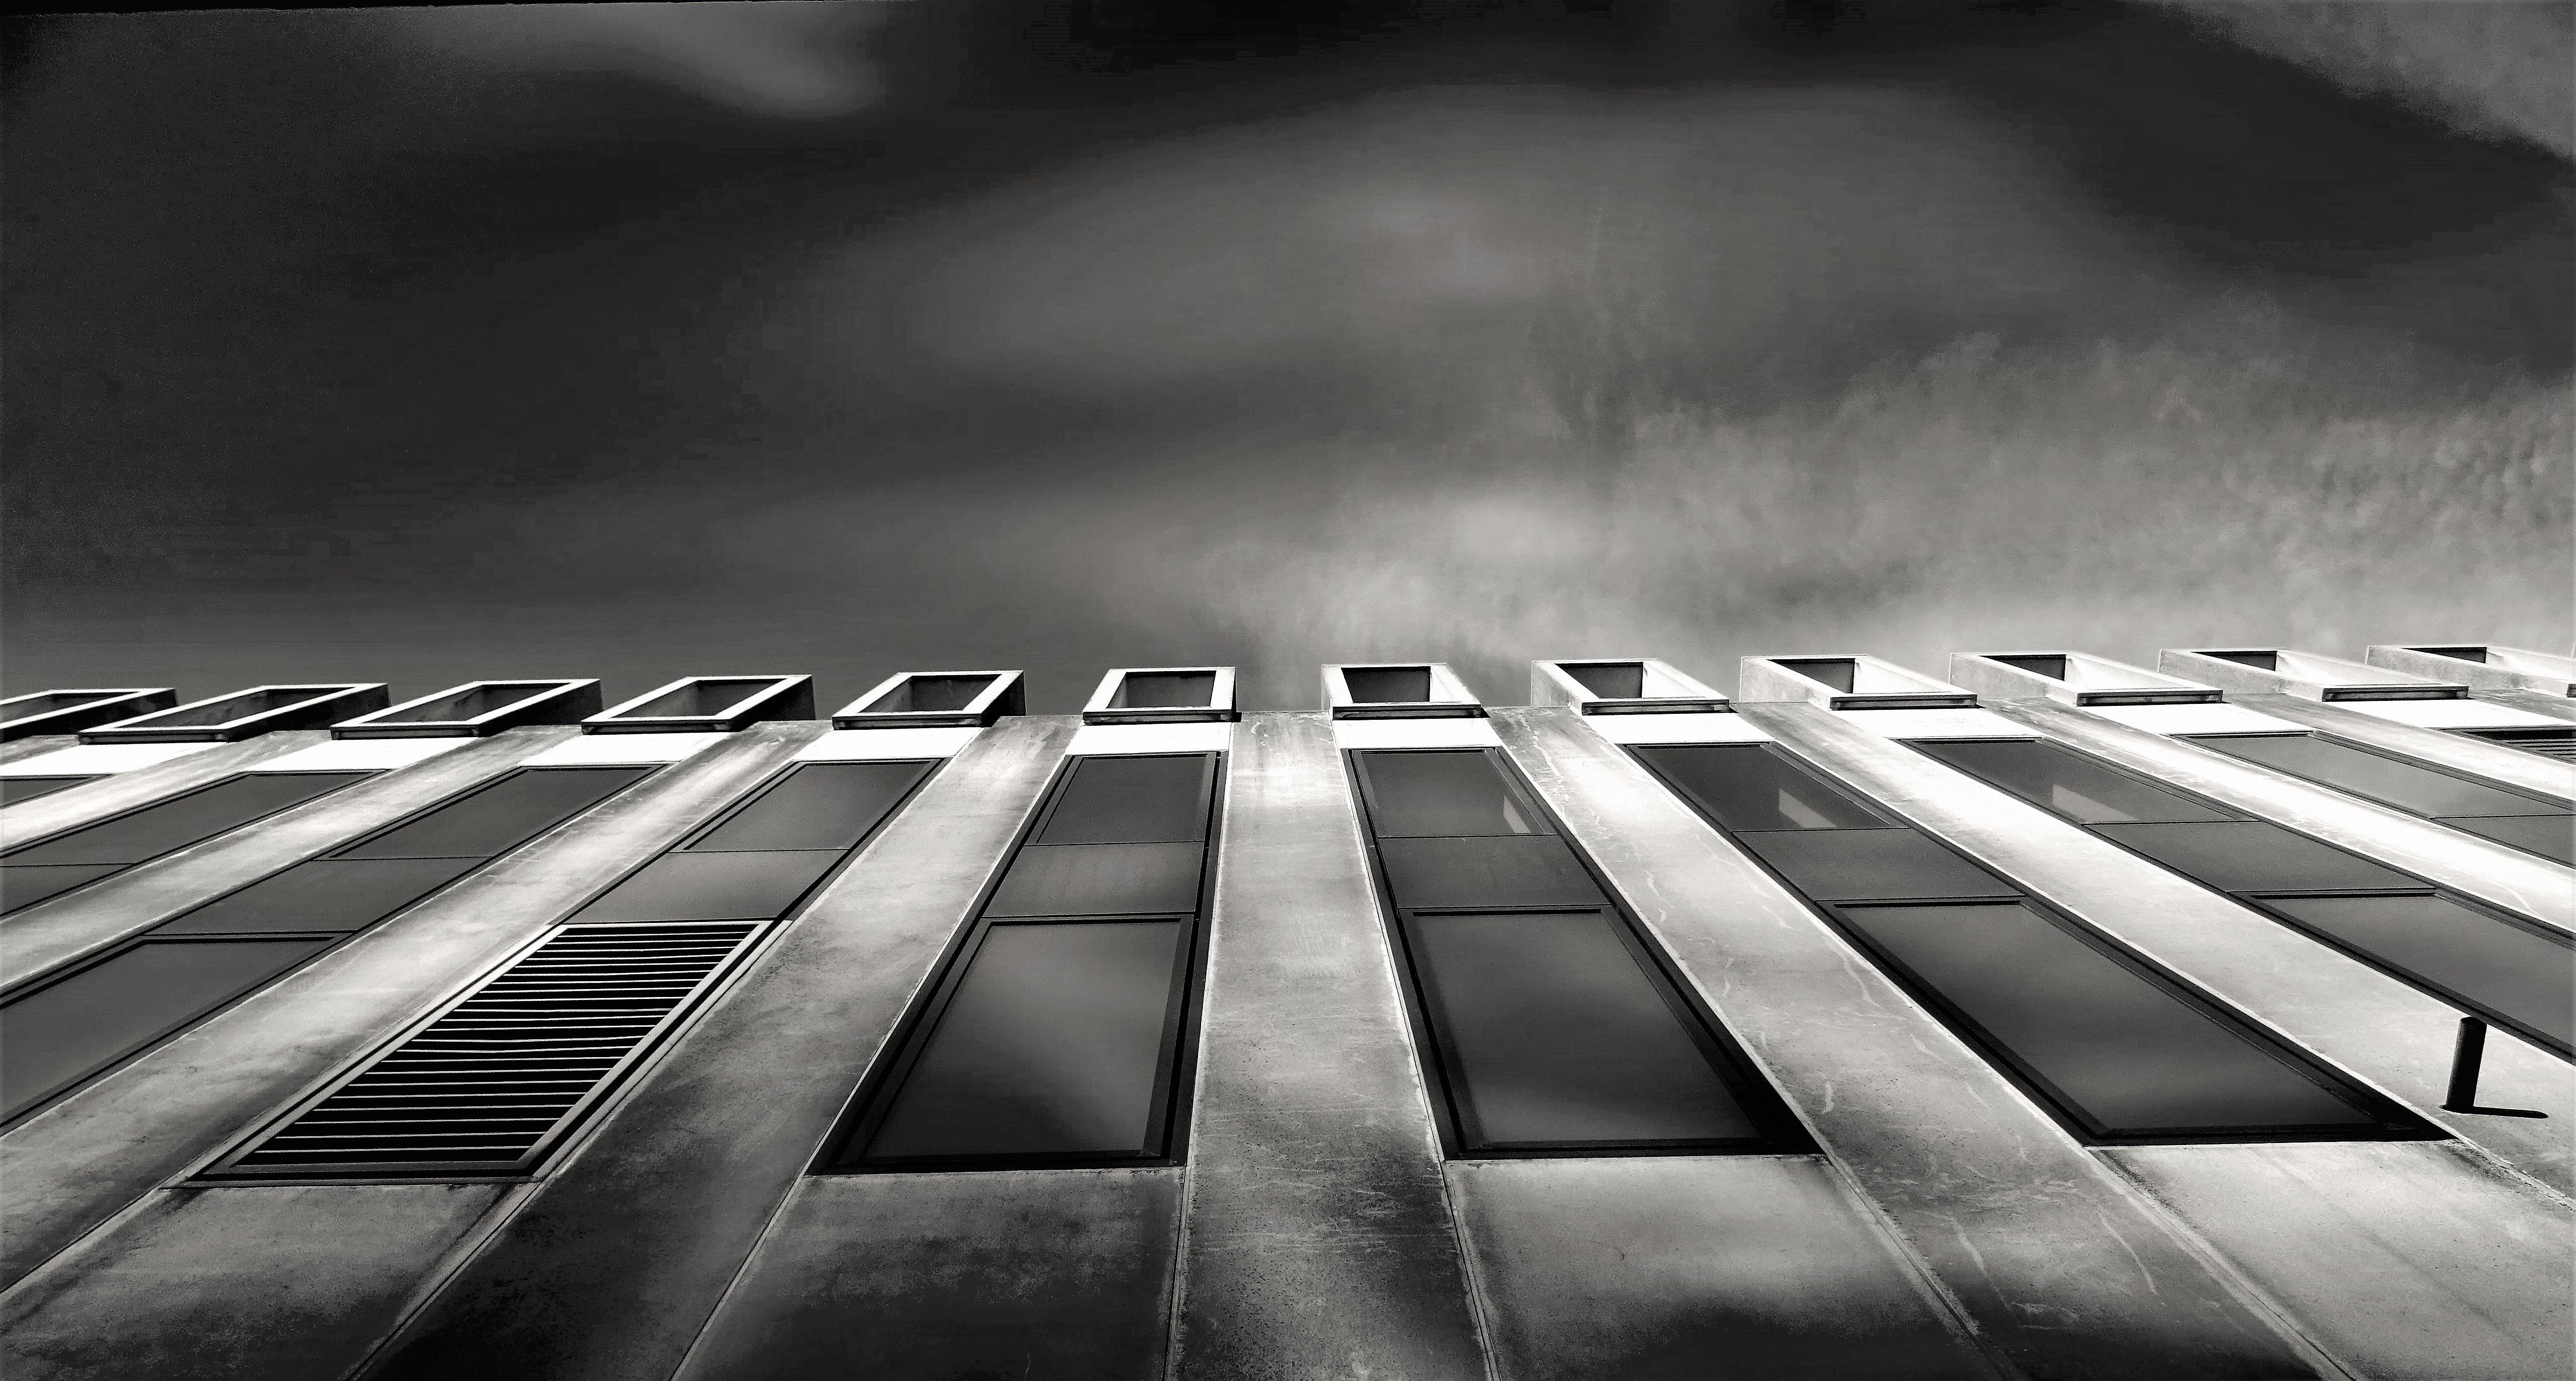 Gray Concrete Structure, Architecture, Black and white, Black-and-white, Building, HQ Photo